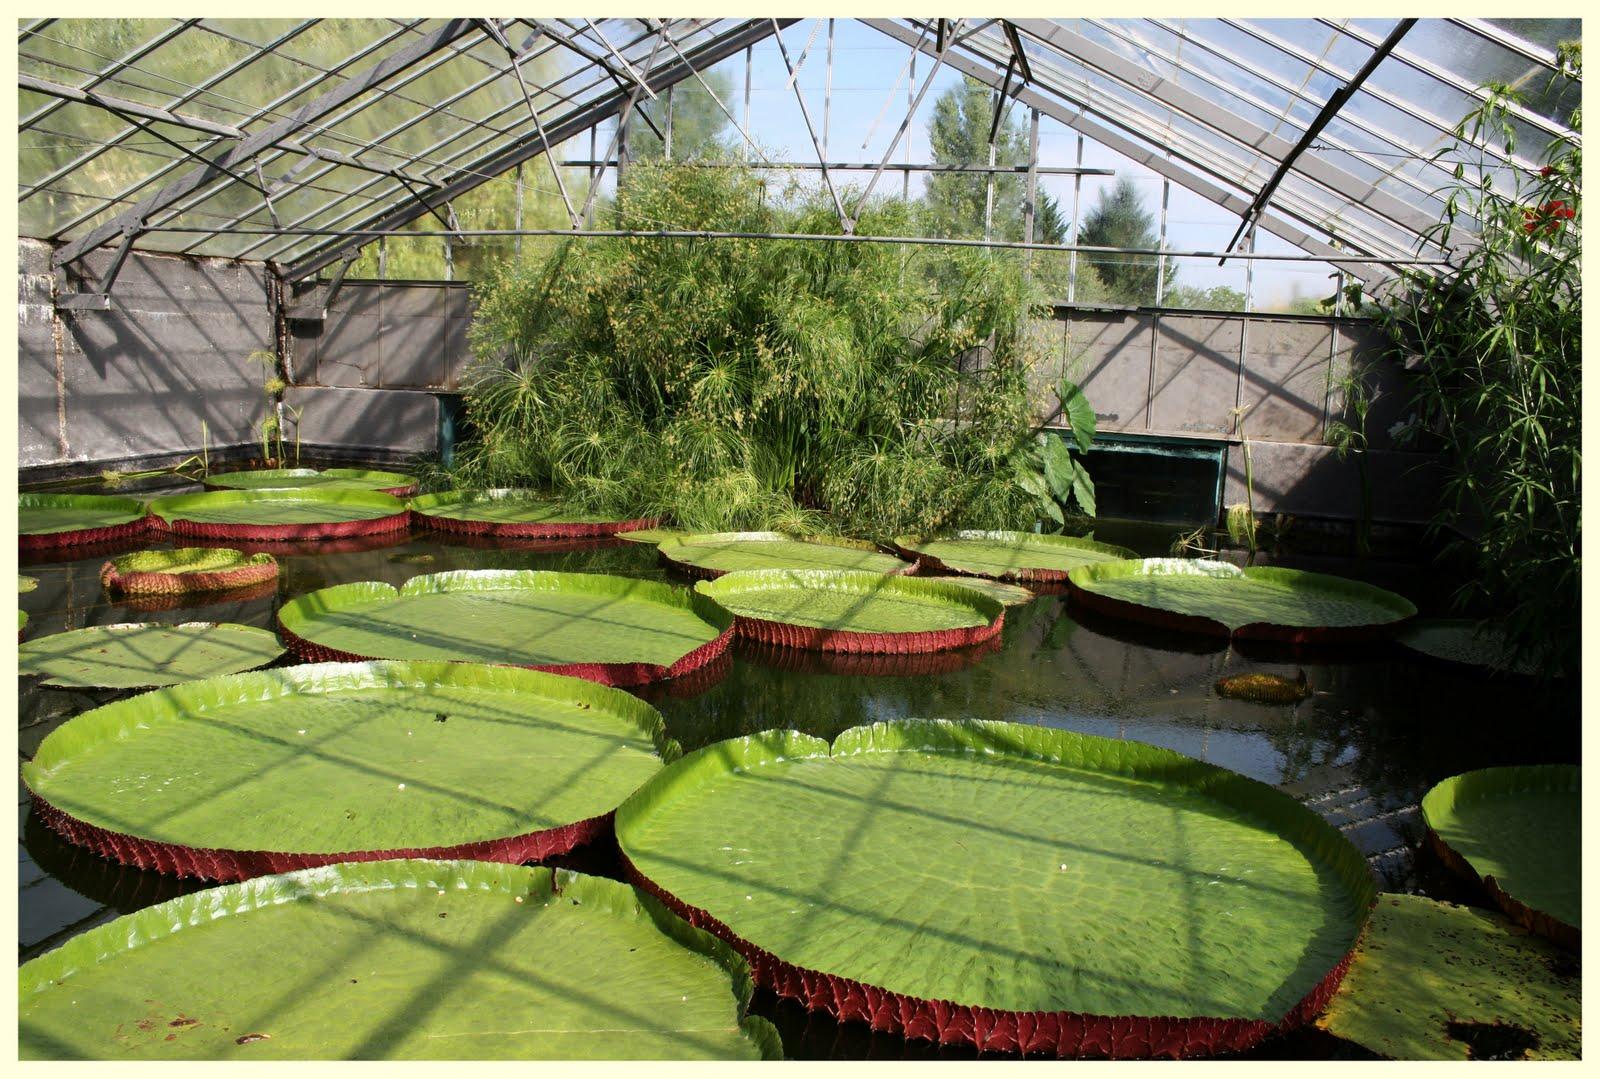 El jard n de margarita otros jardines viveros latour for Vivero el jardin